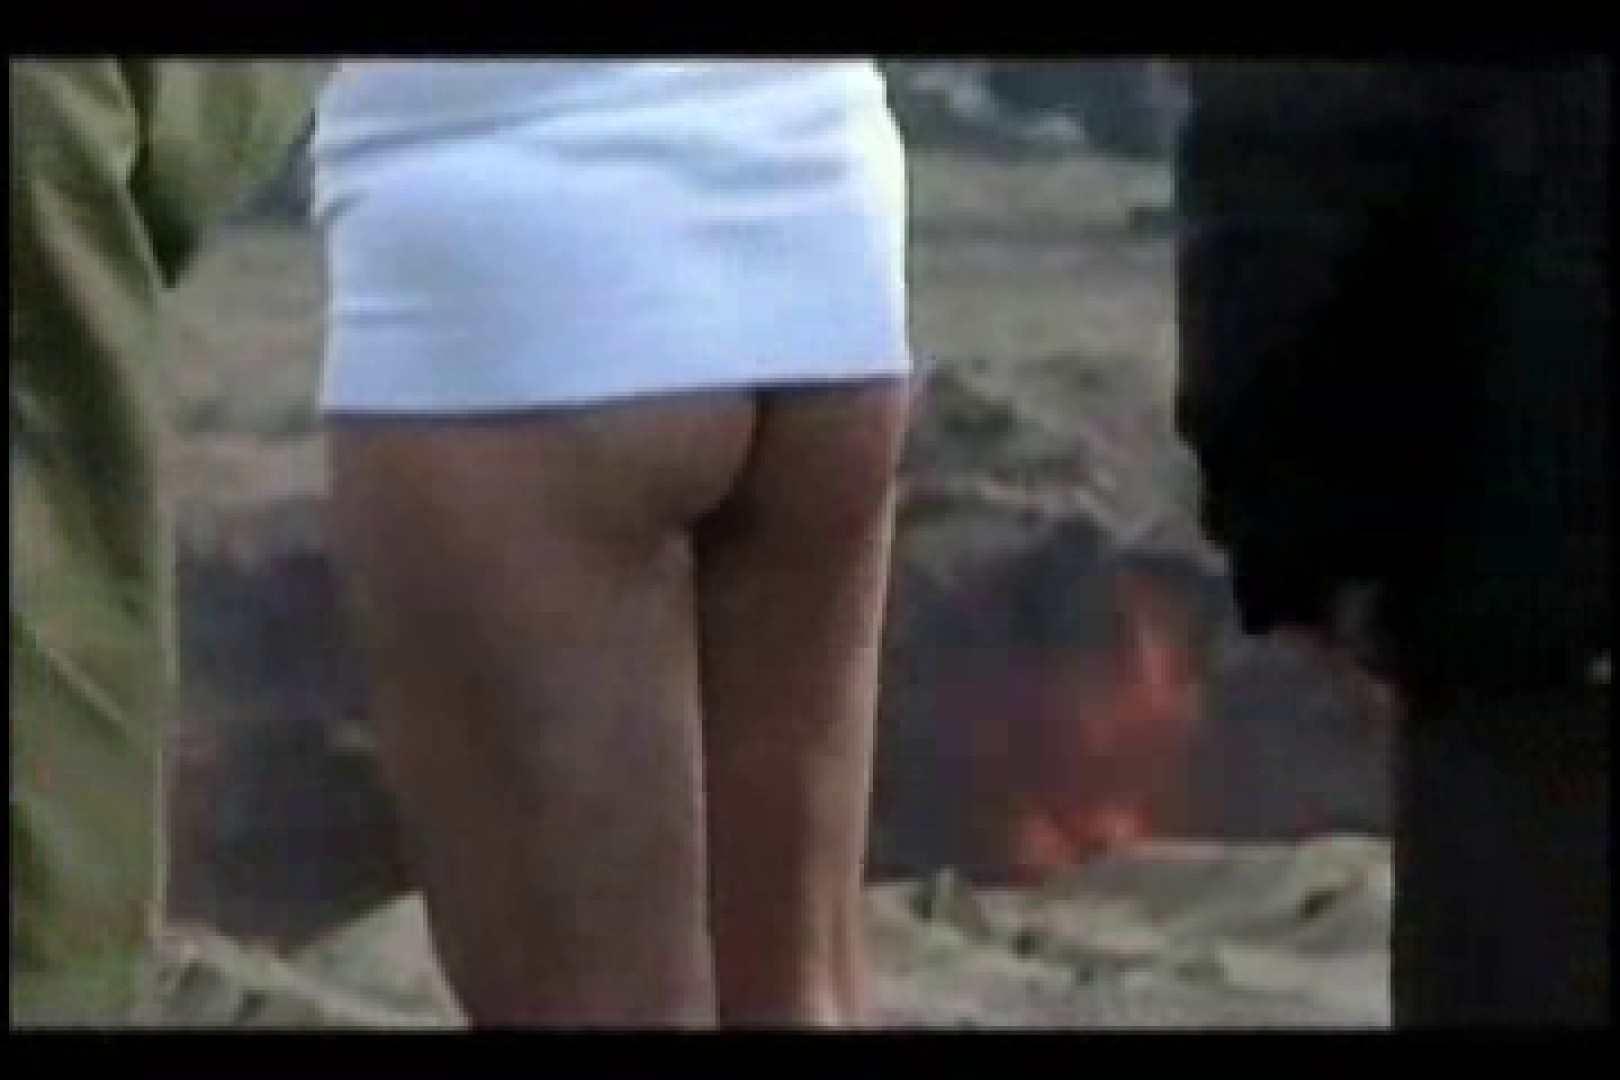 陰間茶屋 男児祭り VOL.1 野外露出セックス | 複数人プレイ ゲイ素人エロ画像 90枚 17